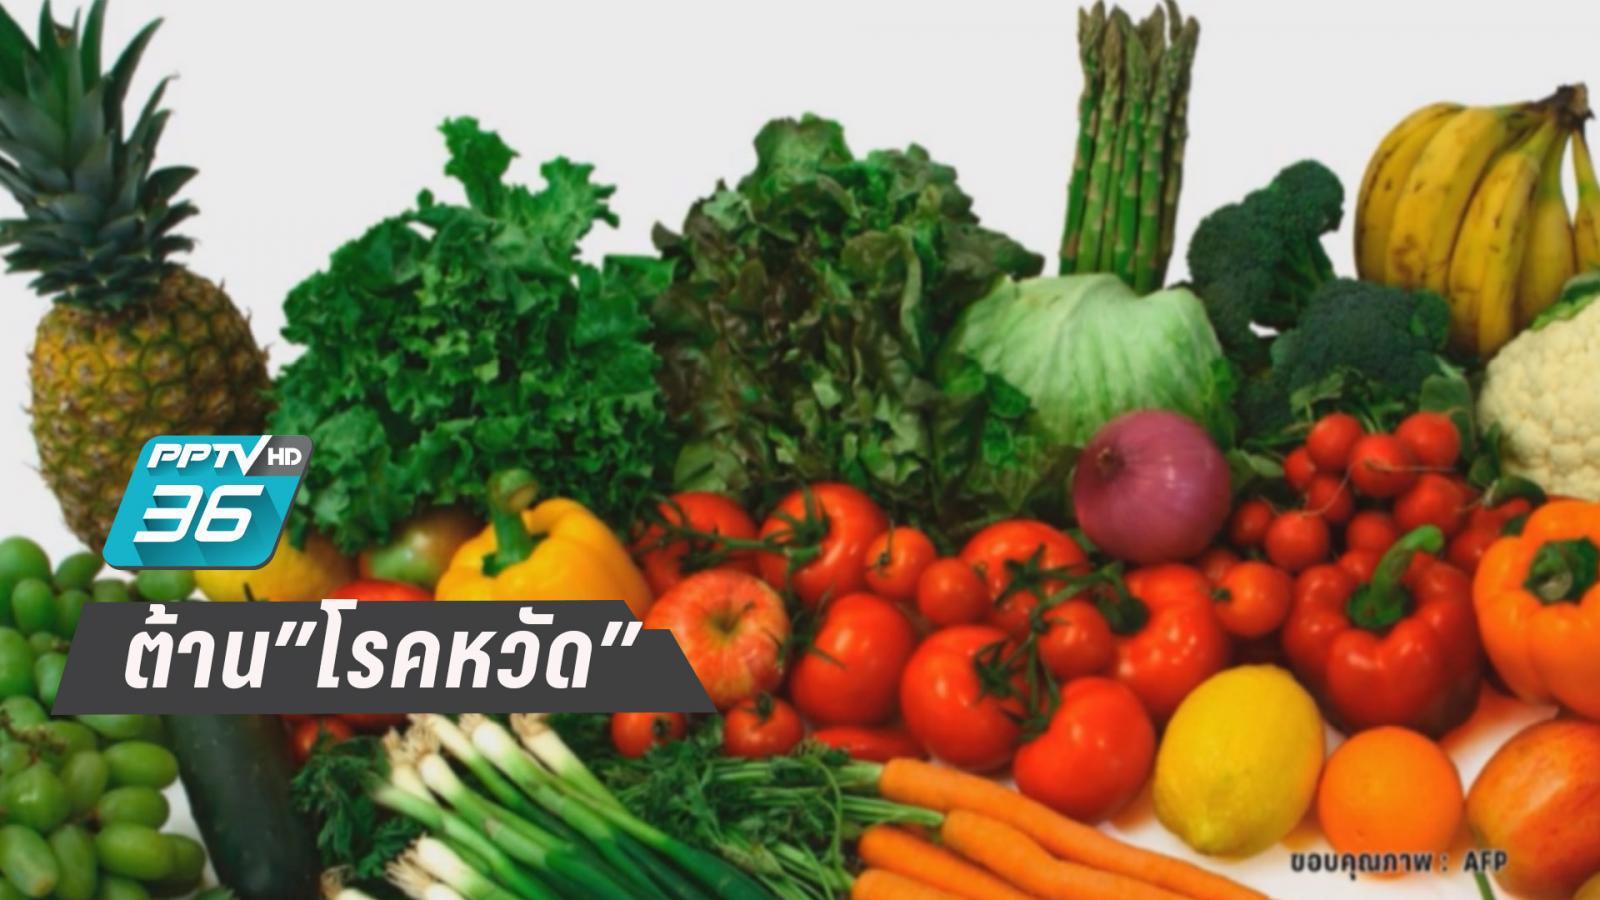 """หน้าฝน! กรมอนามัย แนะ กินผักสมุนไพร-ผลไม้รสเปรี้ยว เพิ่มวิตามินซี ต้าน """"โรคหวัด"""""""